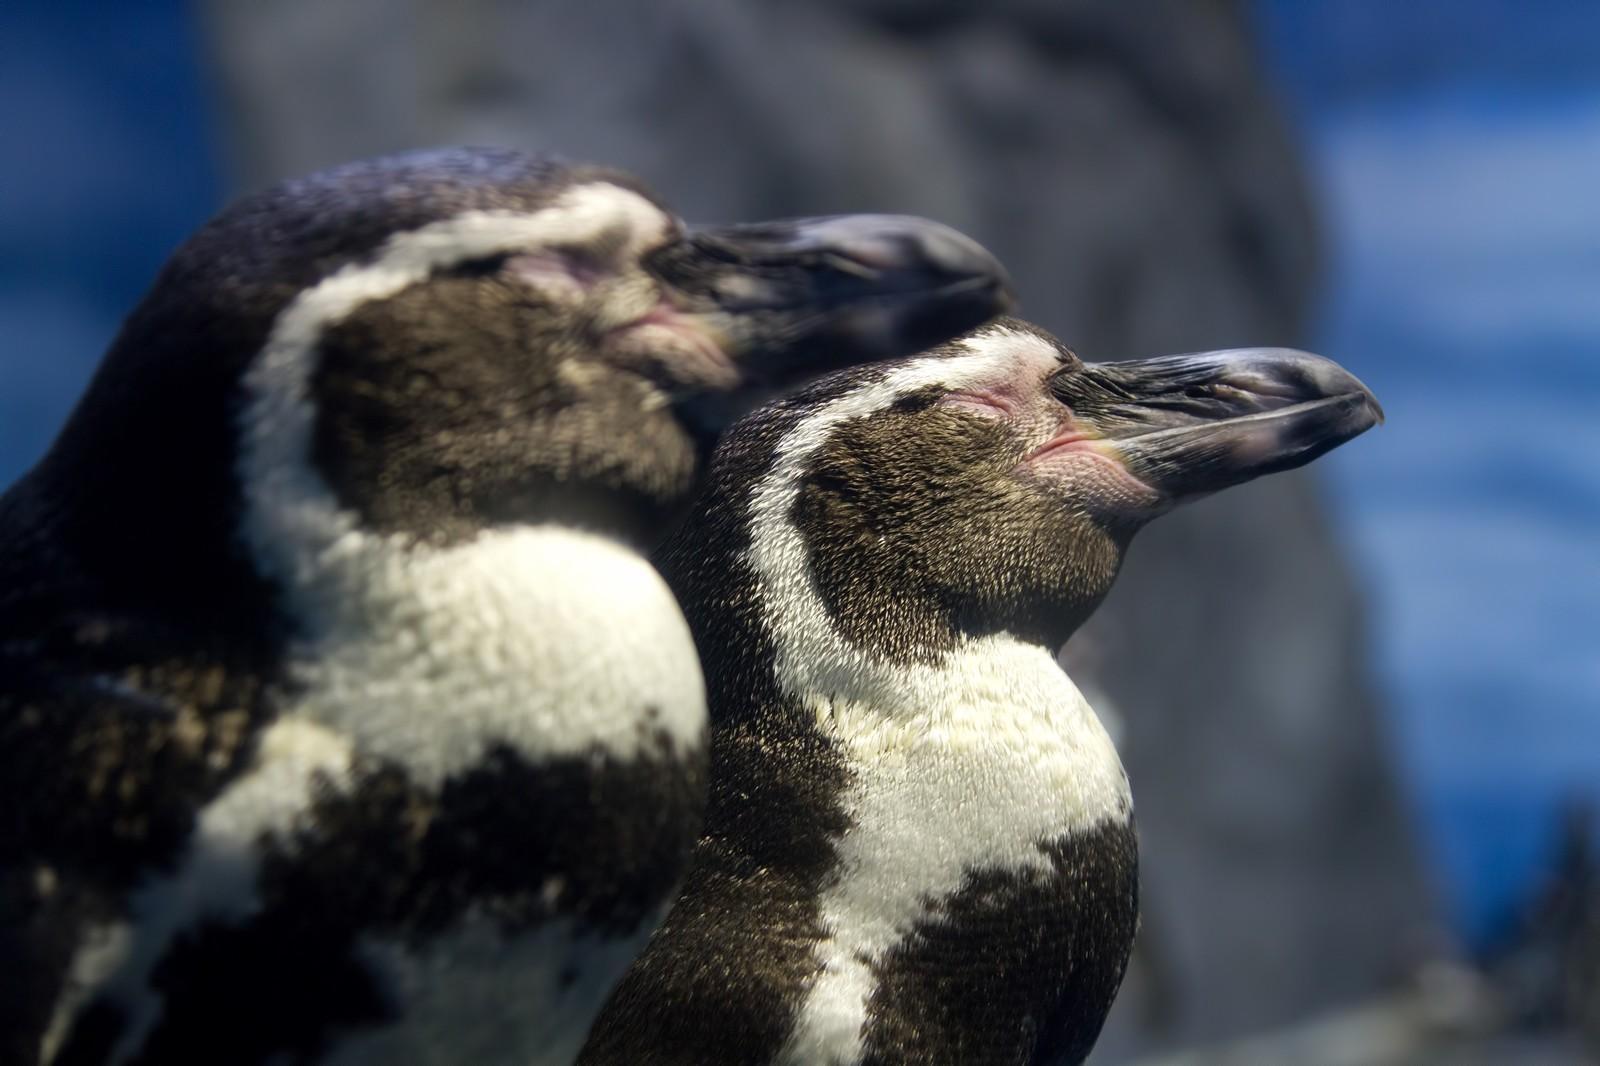 ヒナの方が大きい!?ペンギンのヒナが大きくなるわけとは?